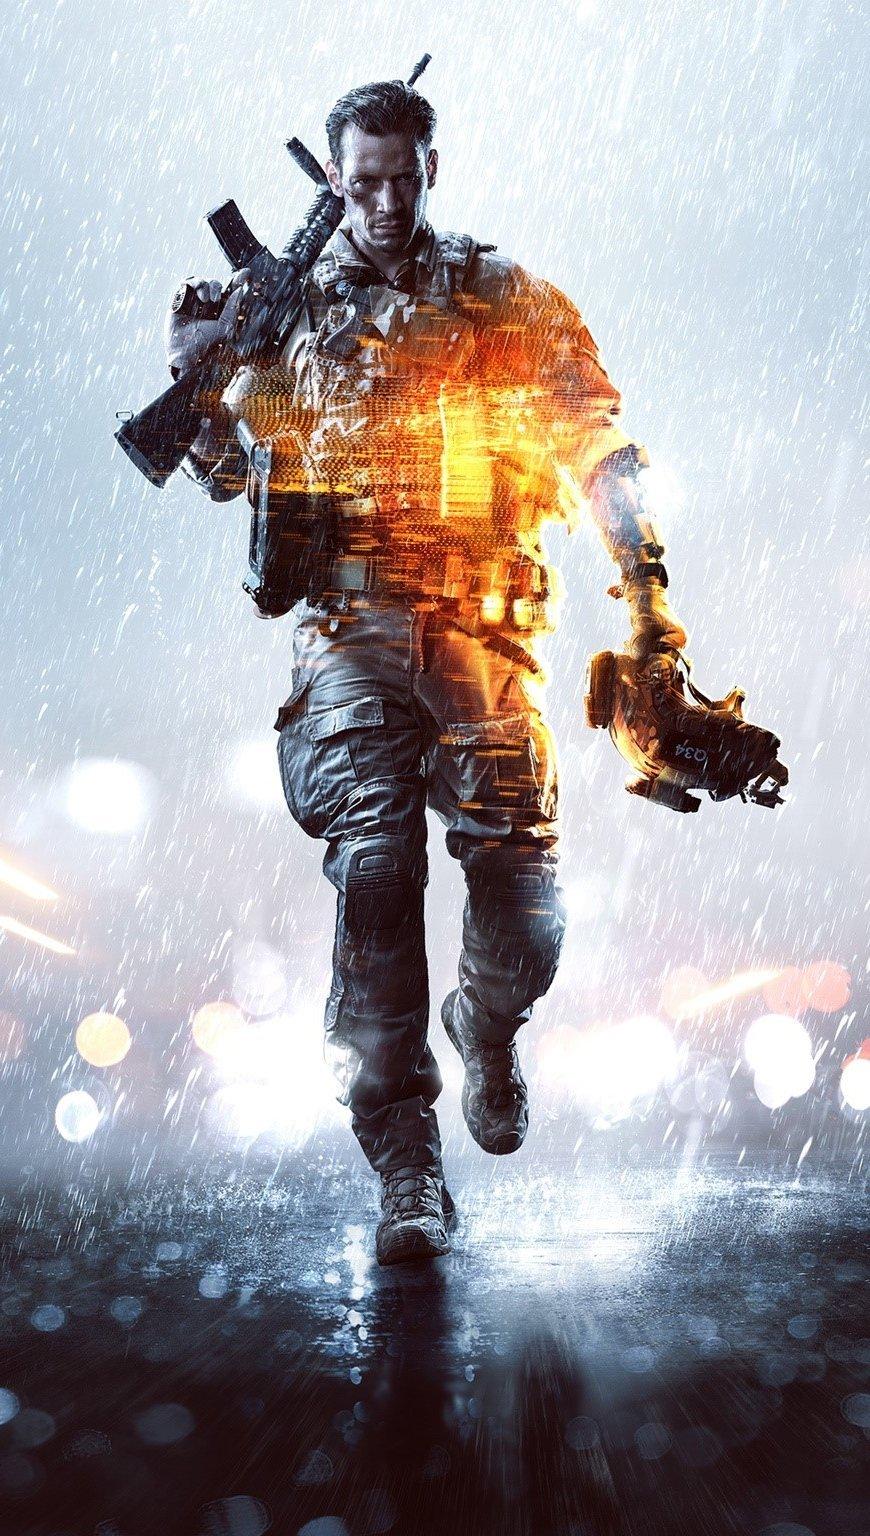 Wallpaper Game Battlefield 4 Vertical